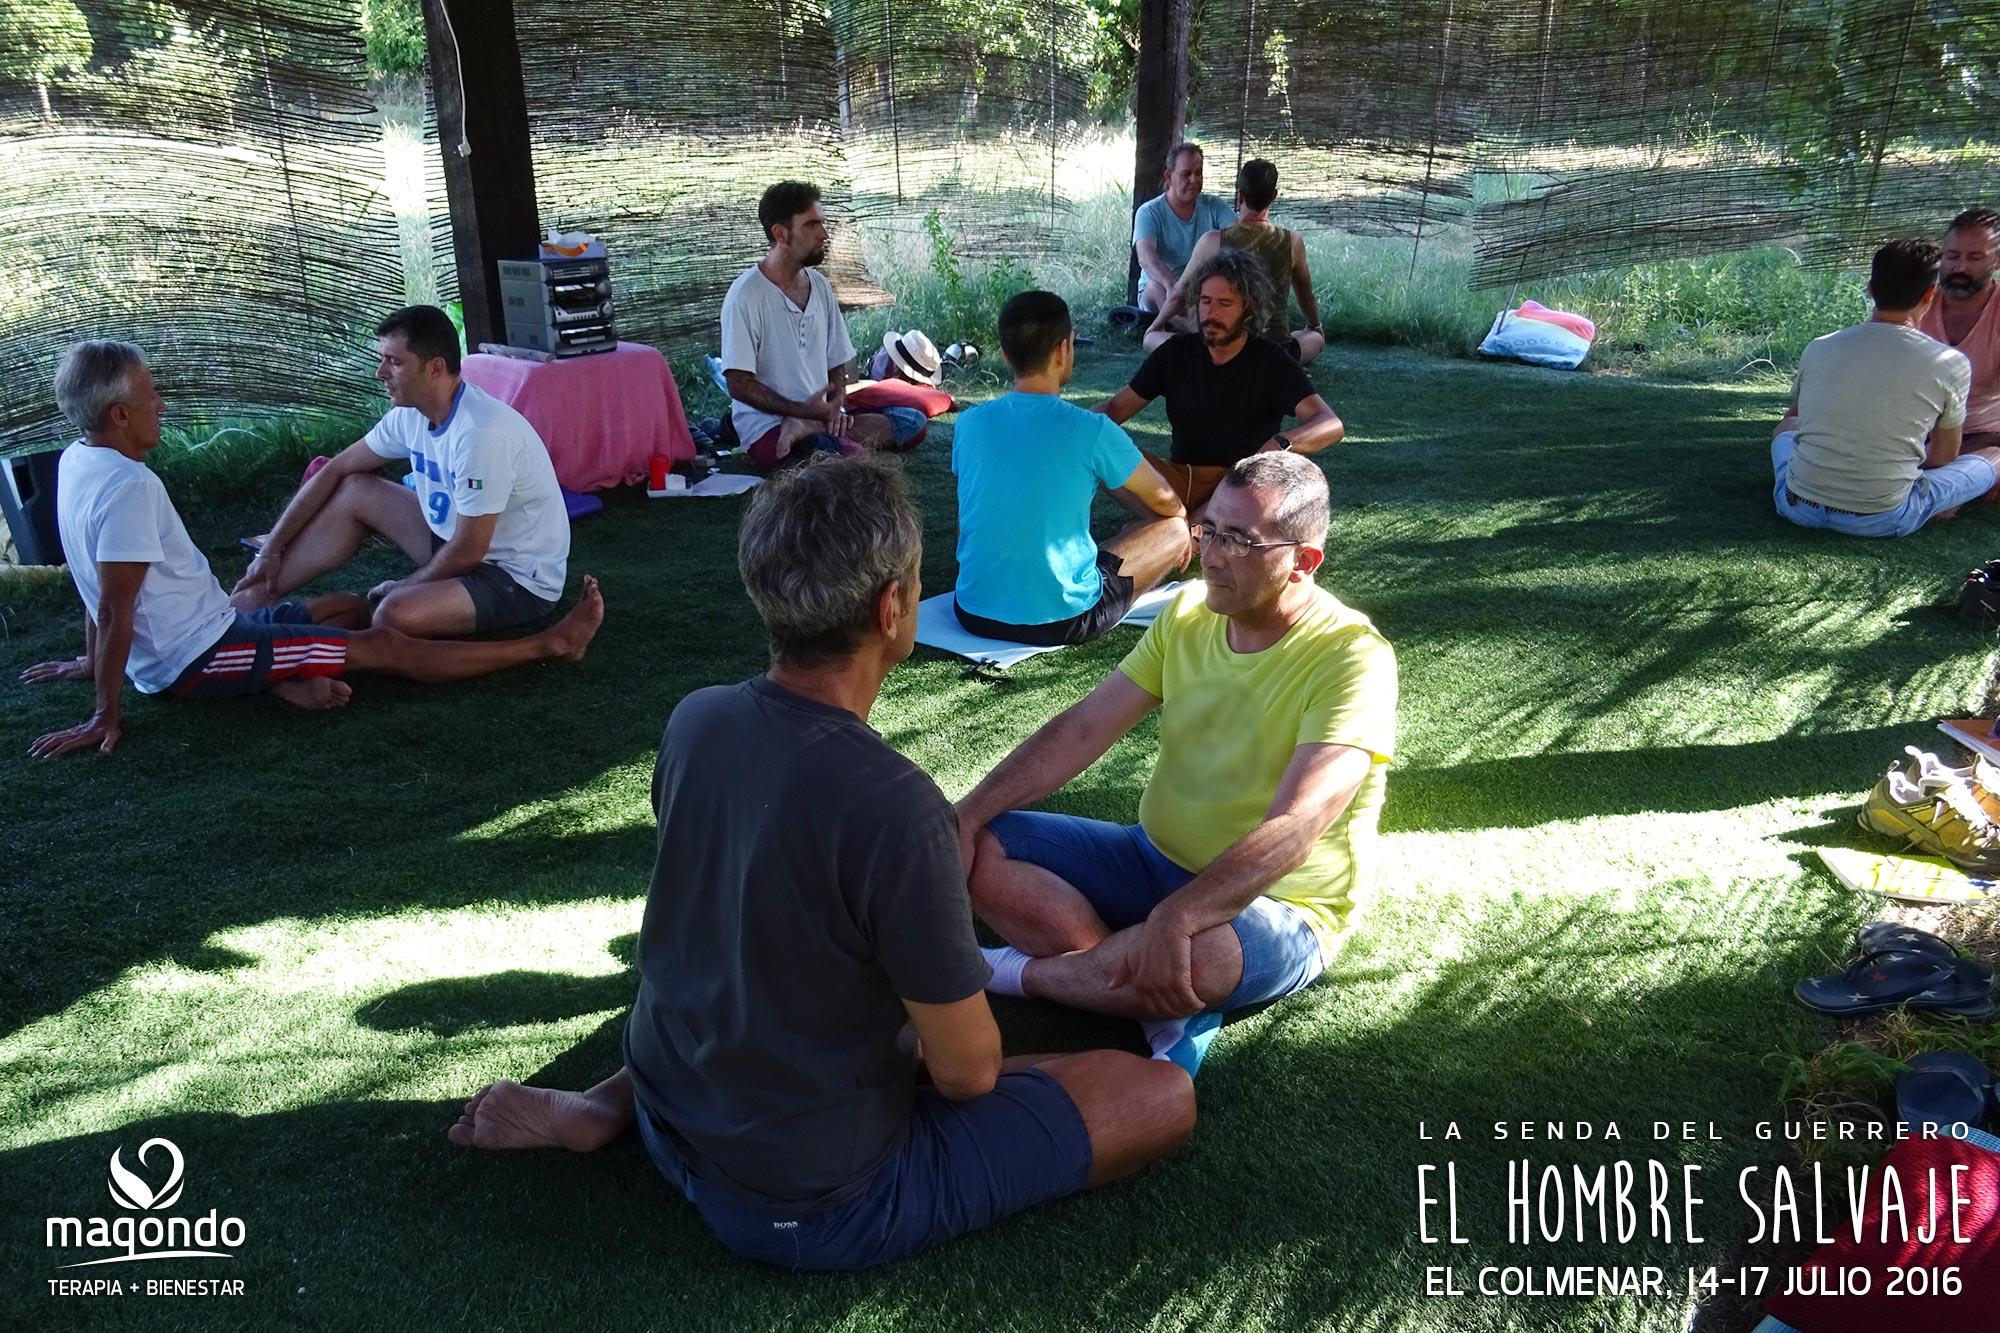 El Hombre Salvaje MENORCA retiro para Hombres con Juan Fco. Díaz · Terapia corporal grupal